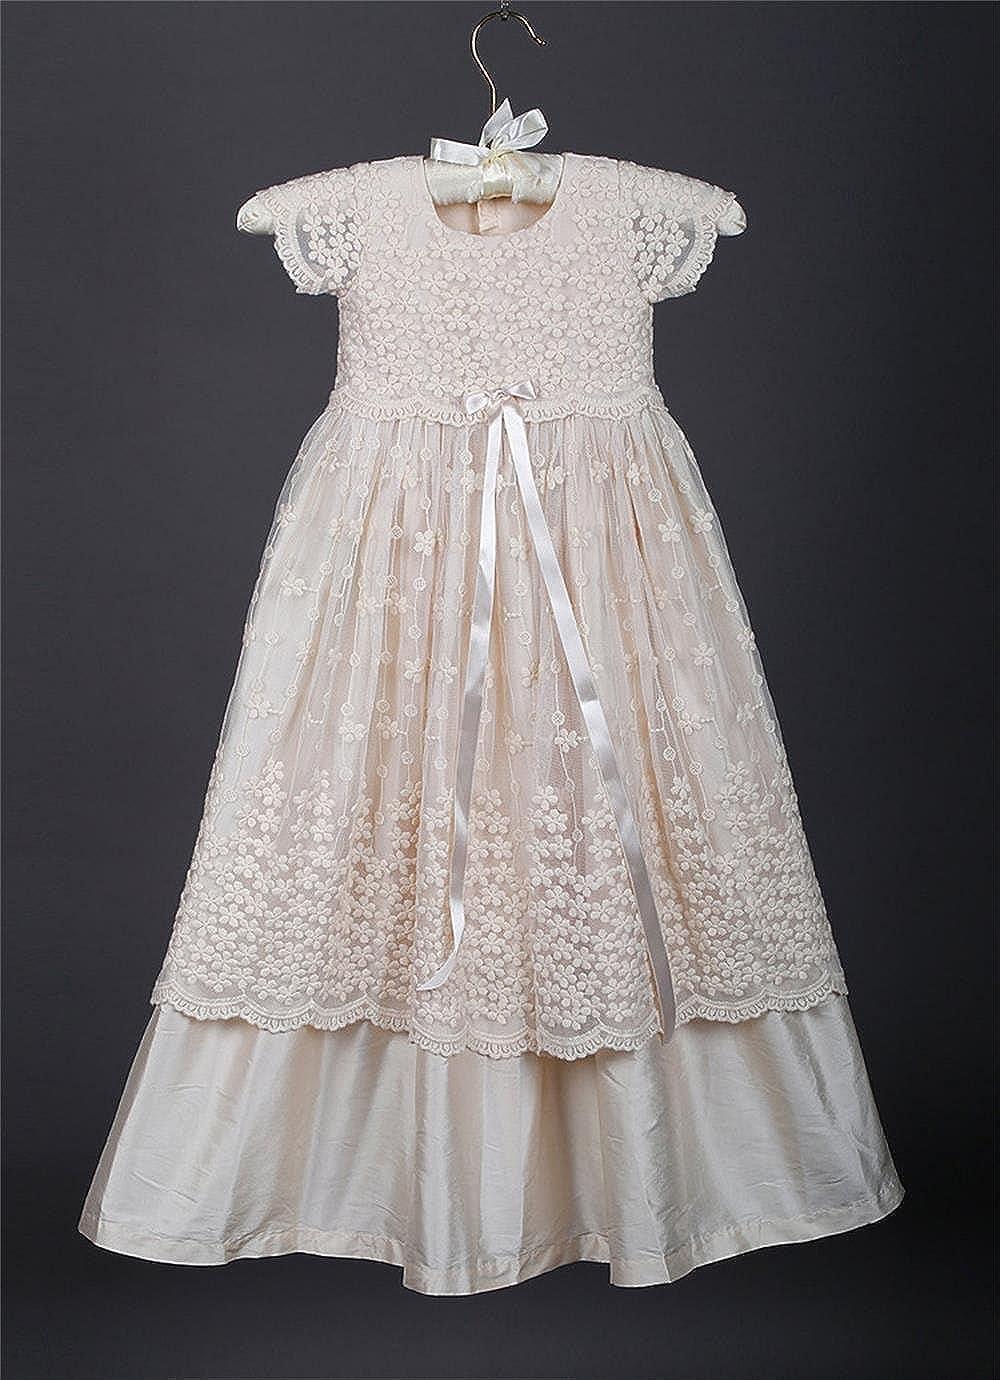 Newdeve Christening Dresses For Baby Girls Infant Girl Flower Dress